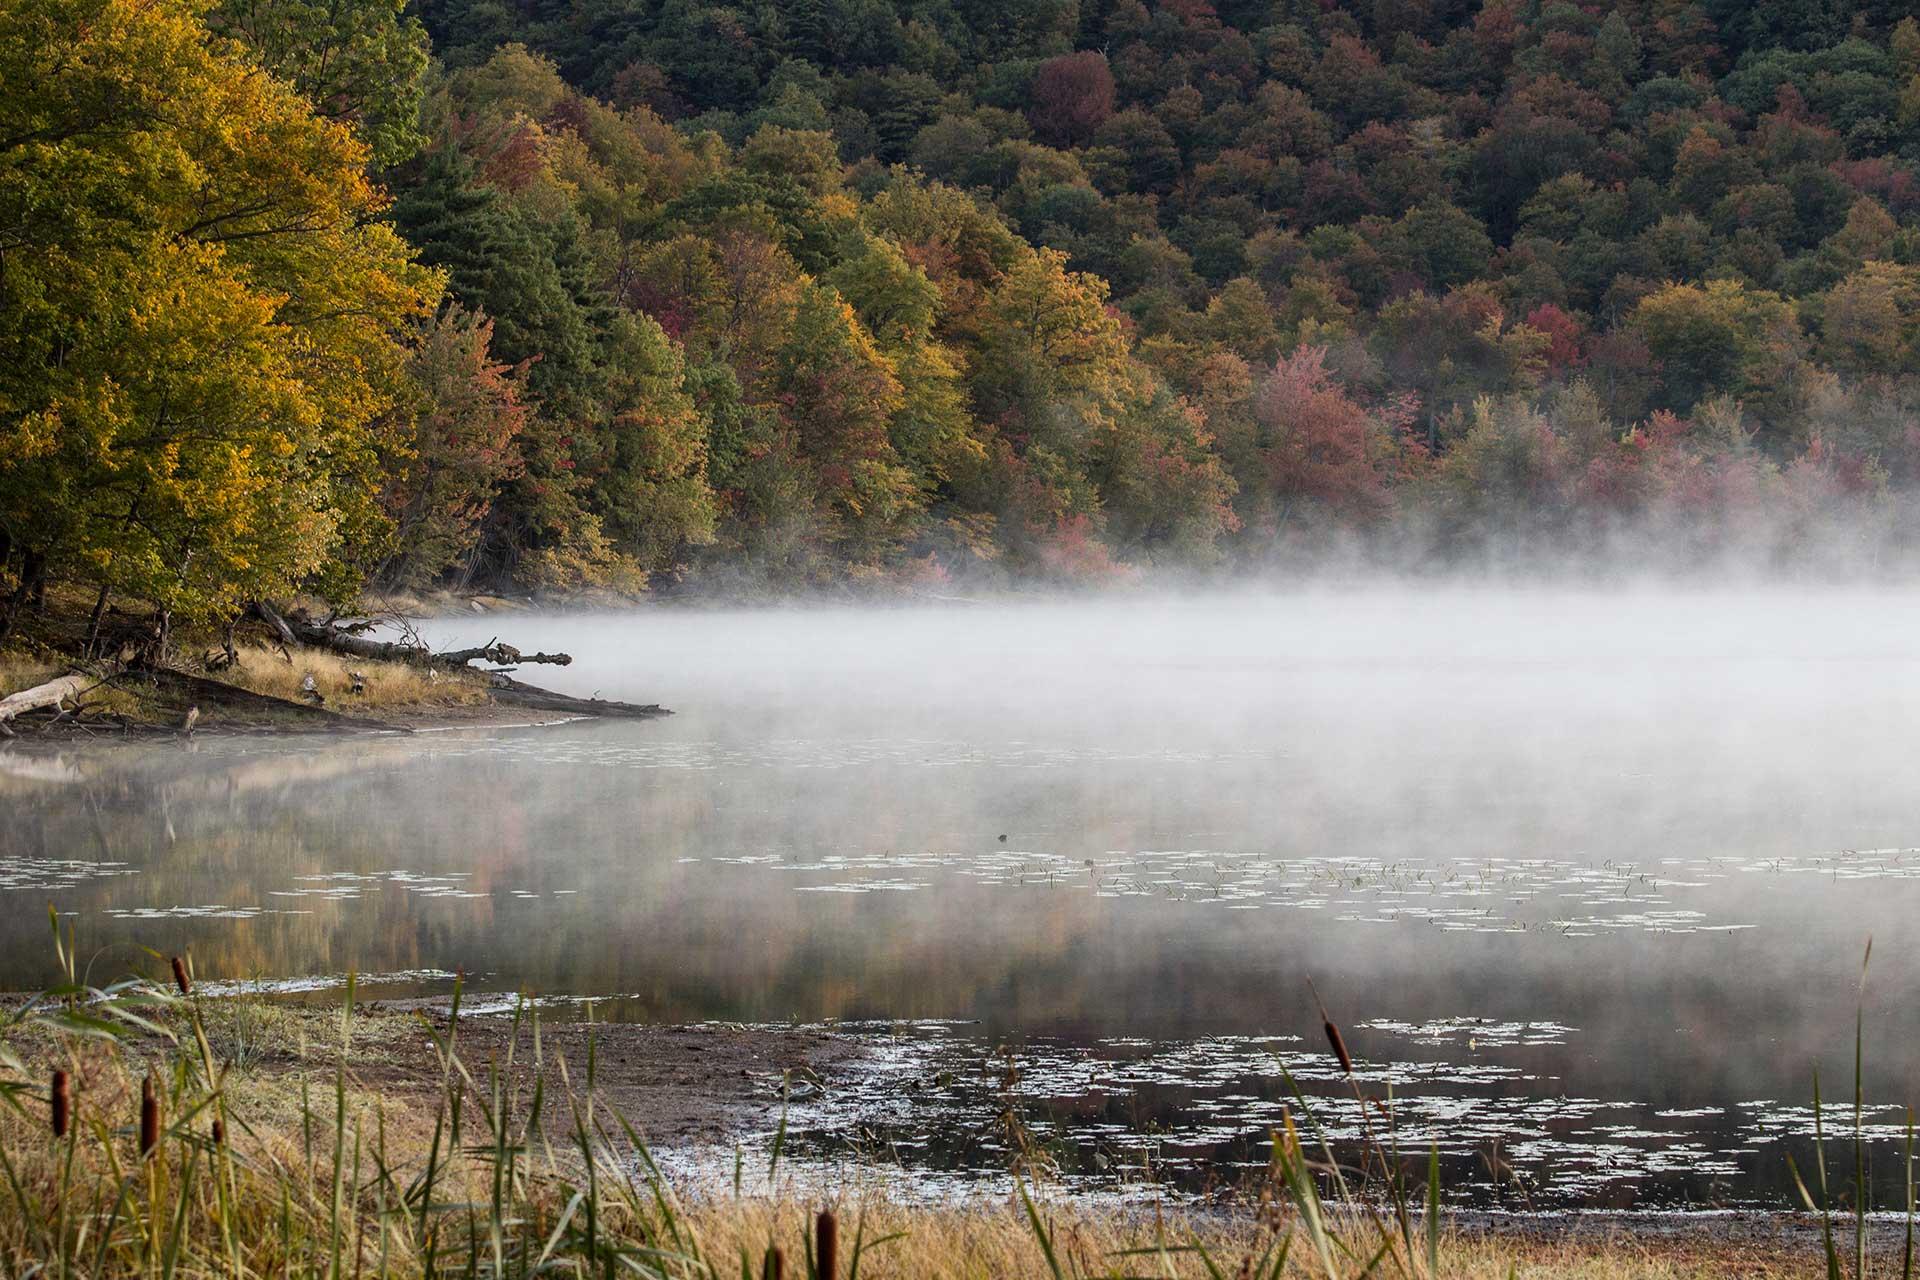 Le lac Hertel embrumé depuis une berge, entouré de boisés en automne